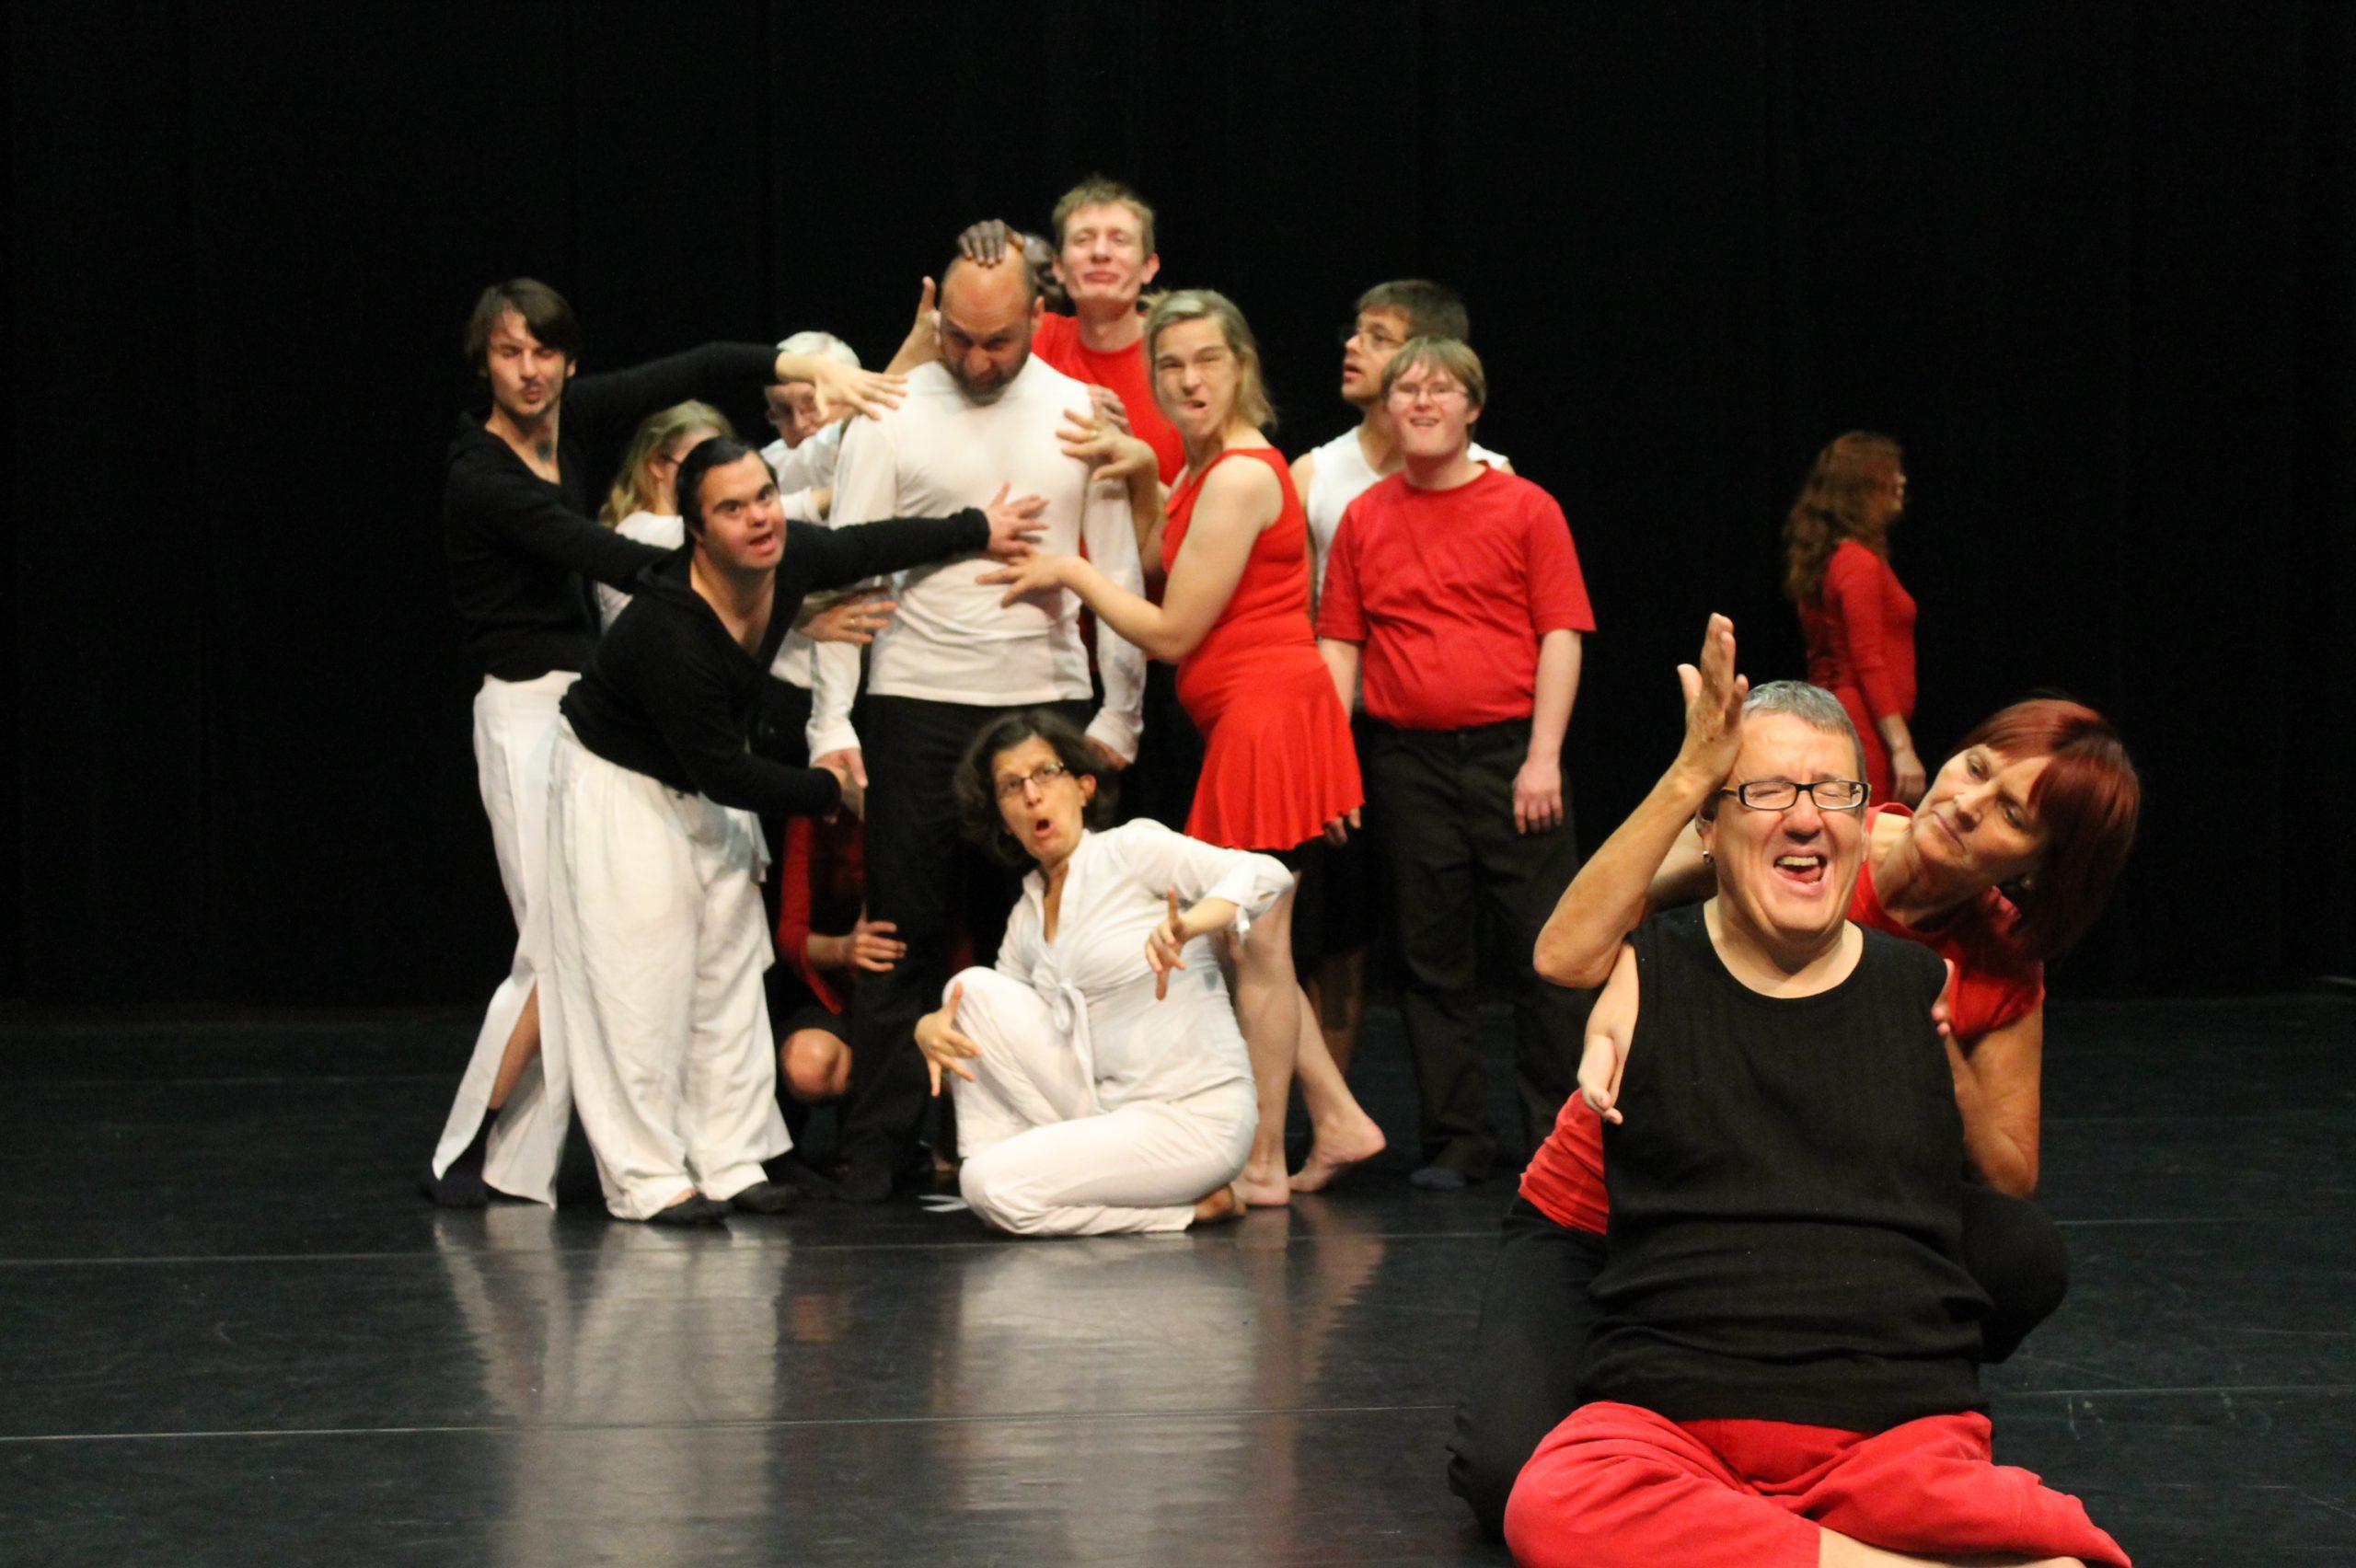 eine Gruppe von Tänzerinnen fasst einen Tänzer an, ein Tänzer ohne Arme wird von einer Tänzerin berührt